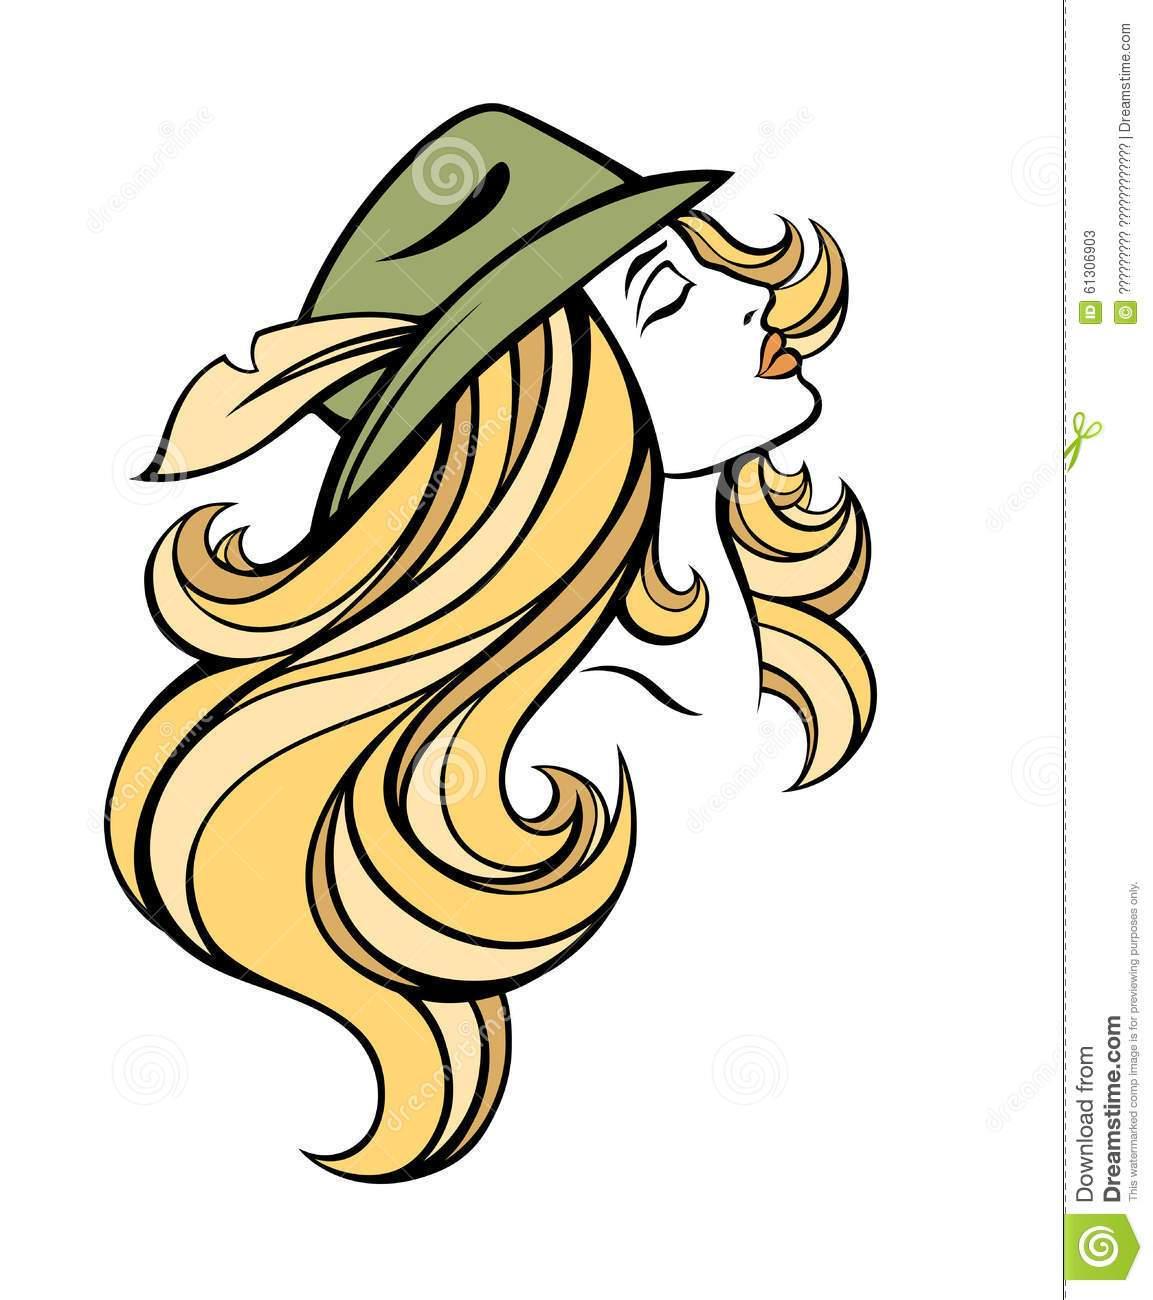 Blondie clipart 6 » Clipart Portal.